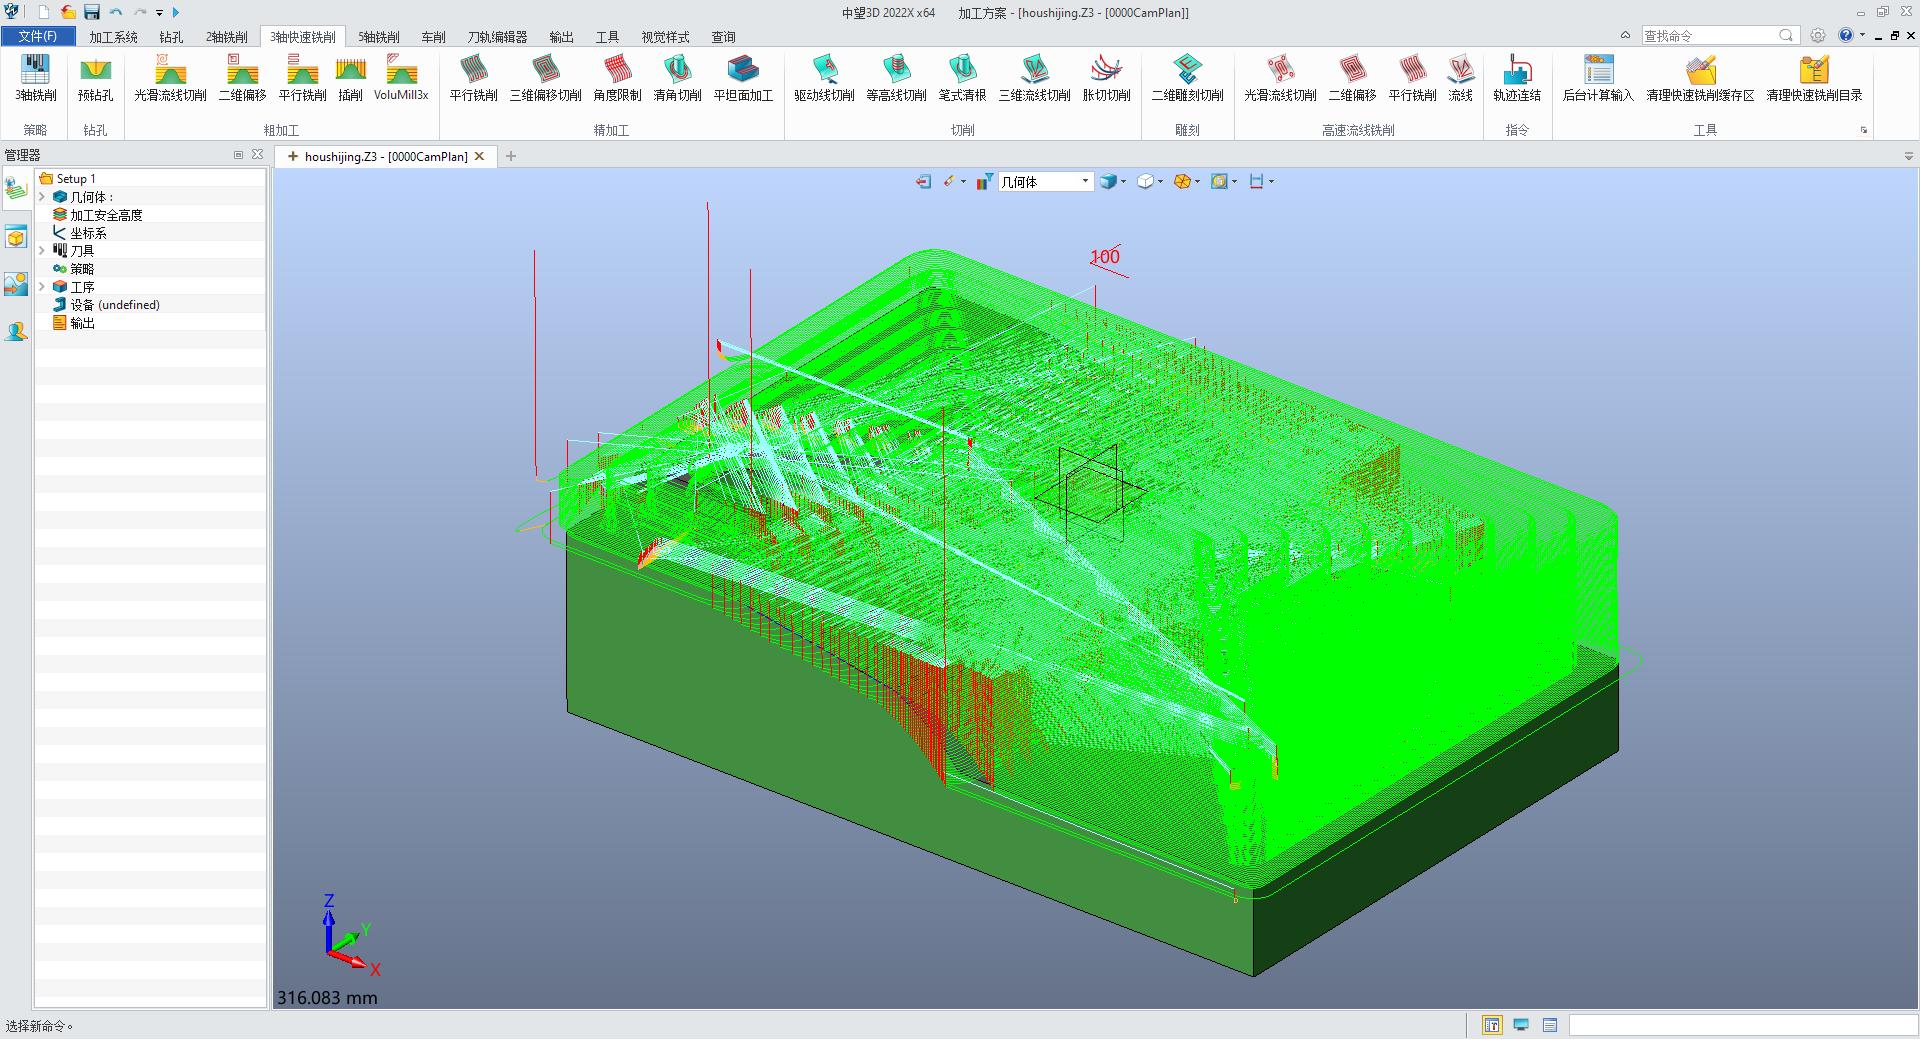 中望3D 2022 X3轴粗加工工序功能优化